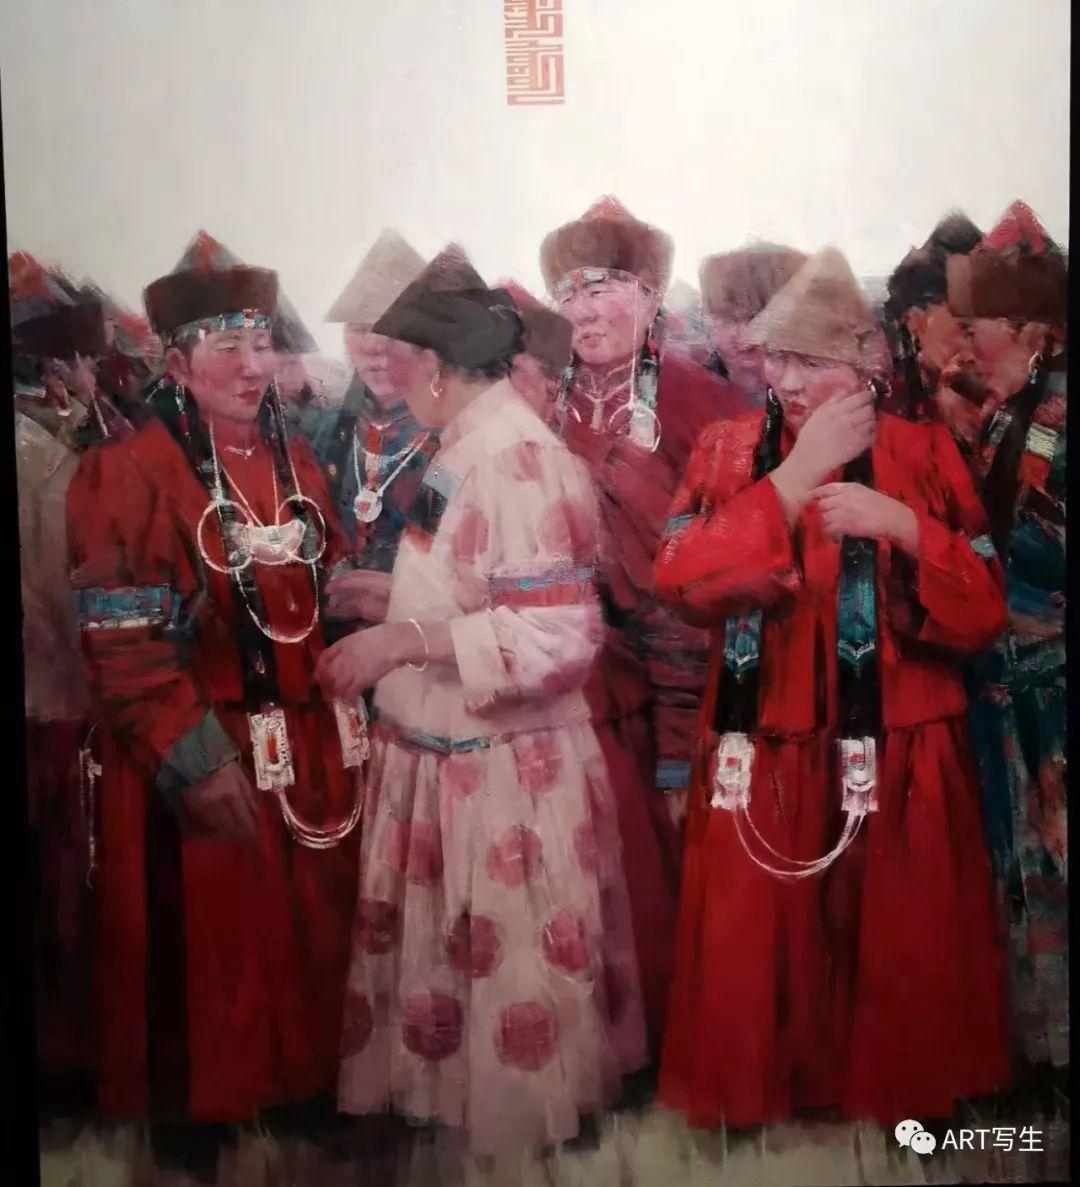 第十三届内蒙古自治区美术作品展览(油画作品) 第1张